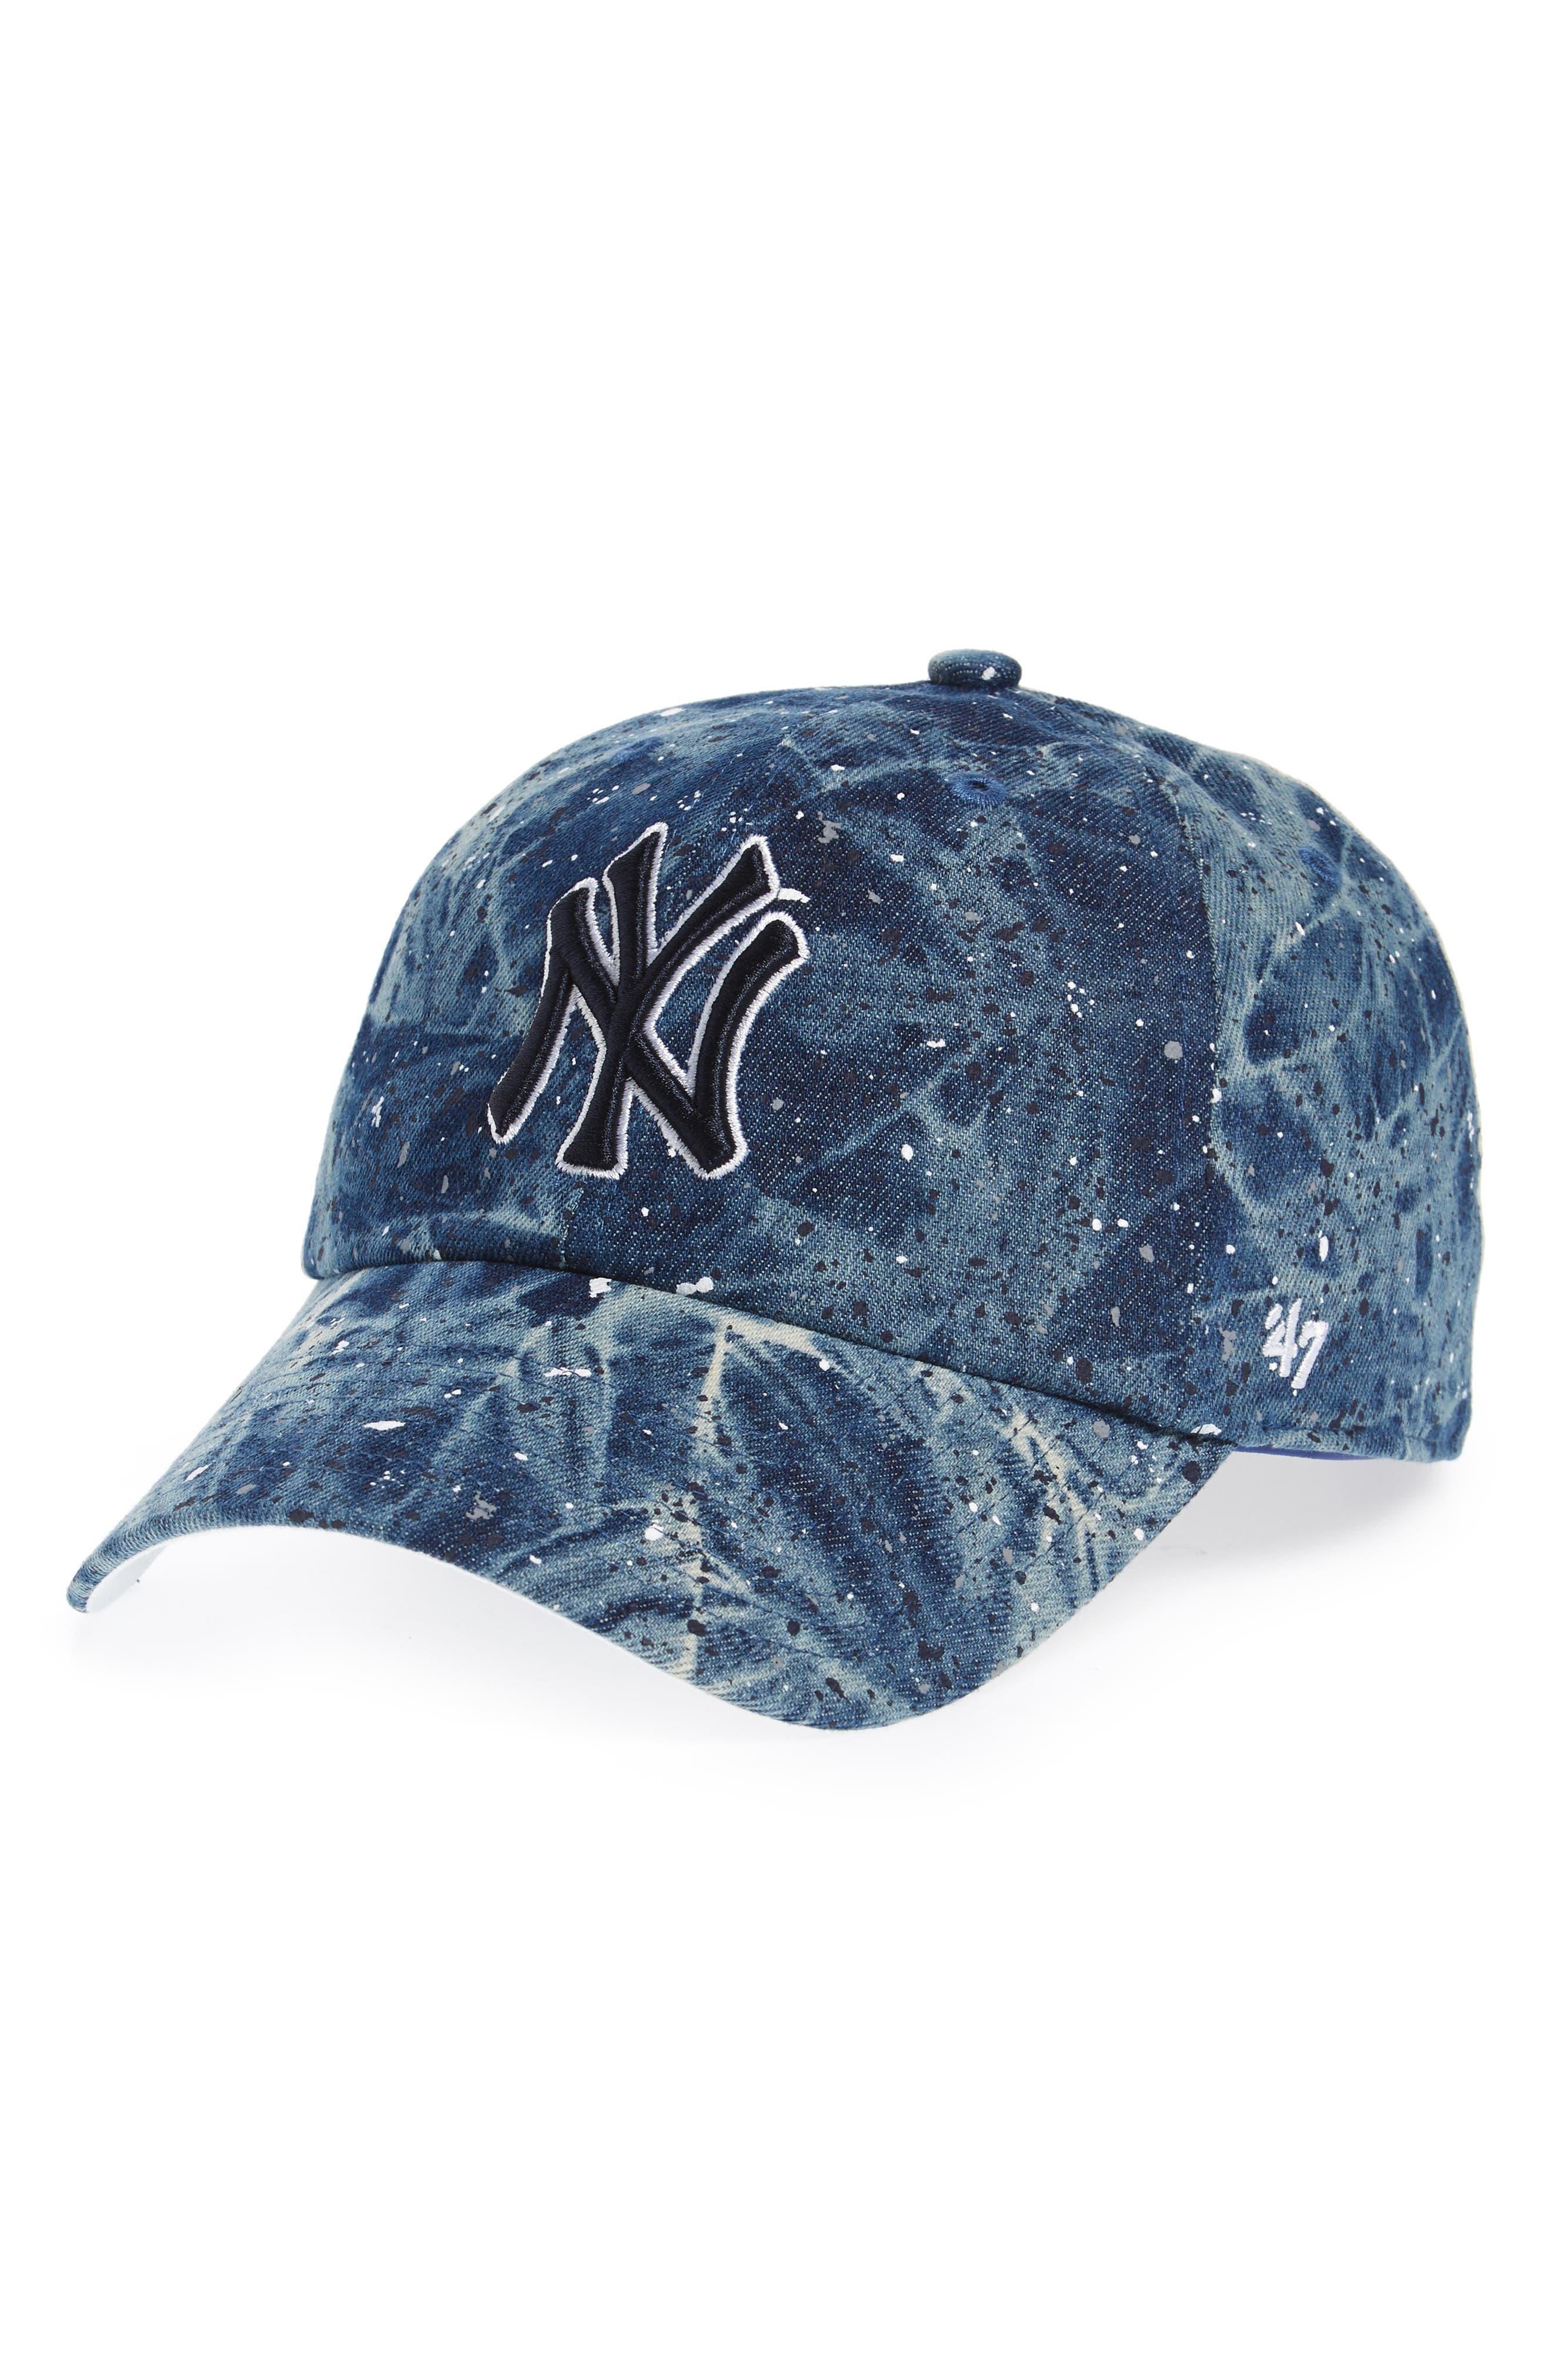 '47 Brand New York Yankees - Blue Splatter Baseball Cap